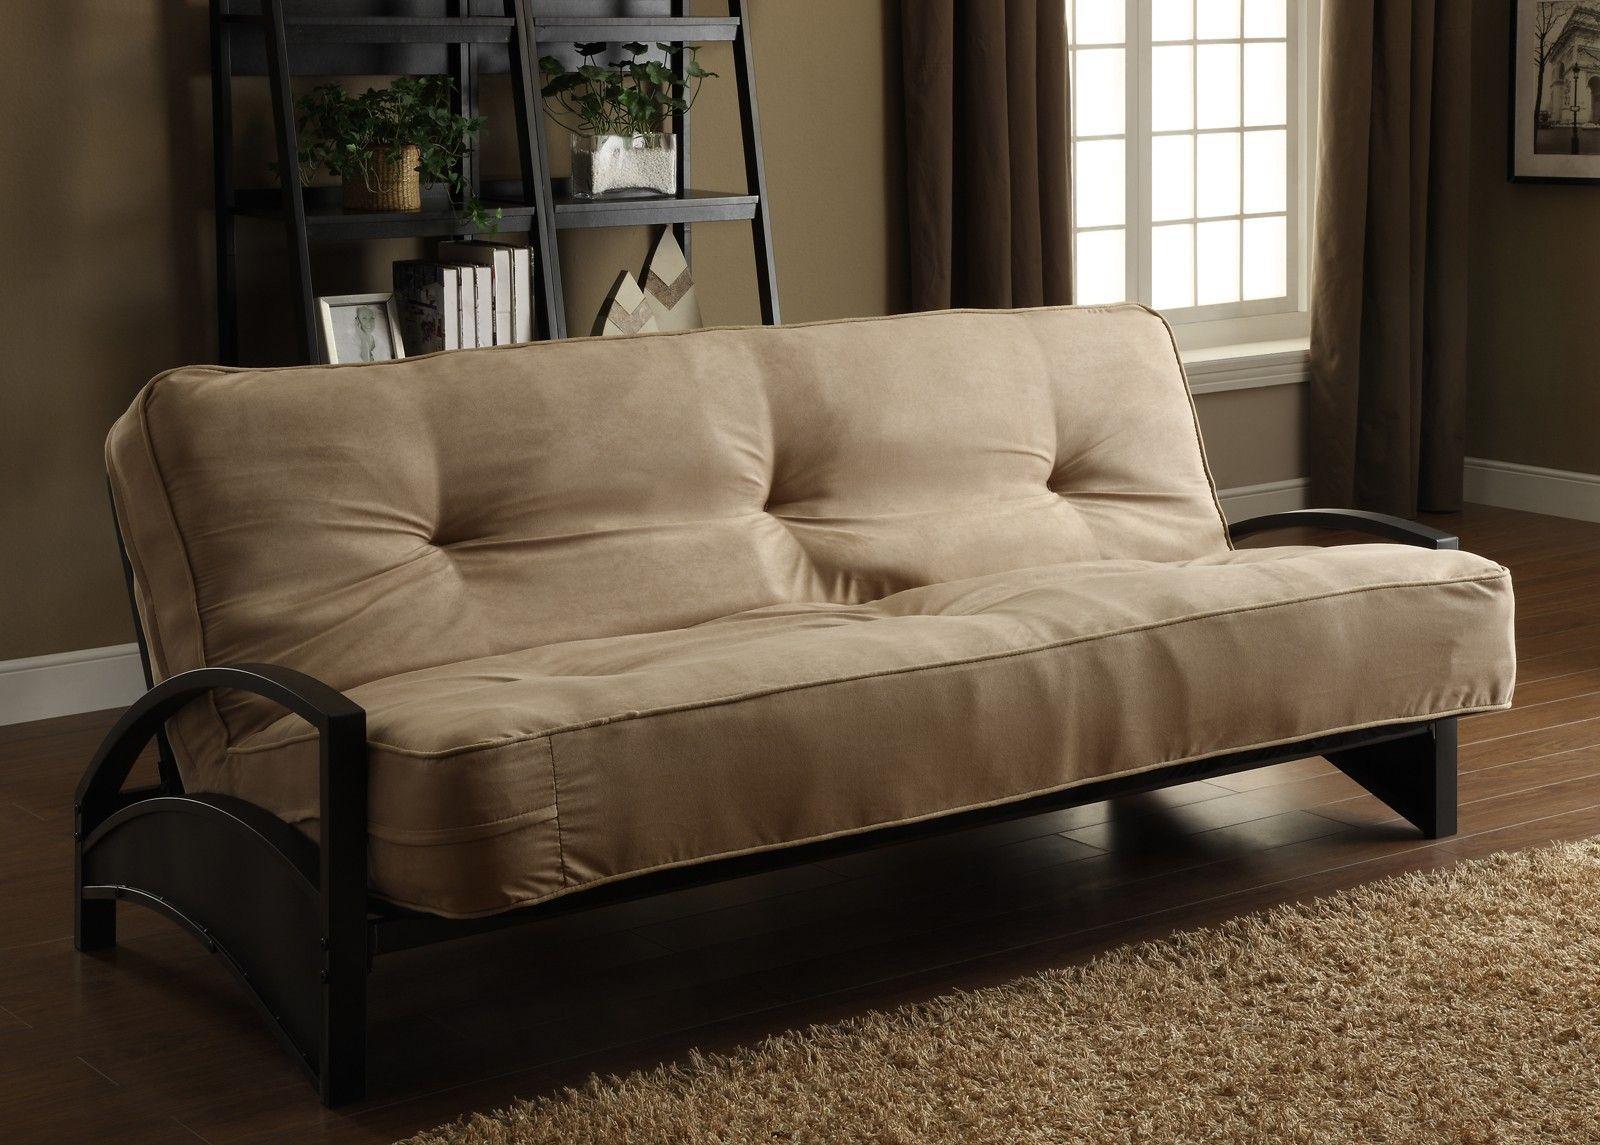 Alessa Metal Futon Frame Metal futon, Futon frame, Sofa